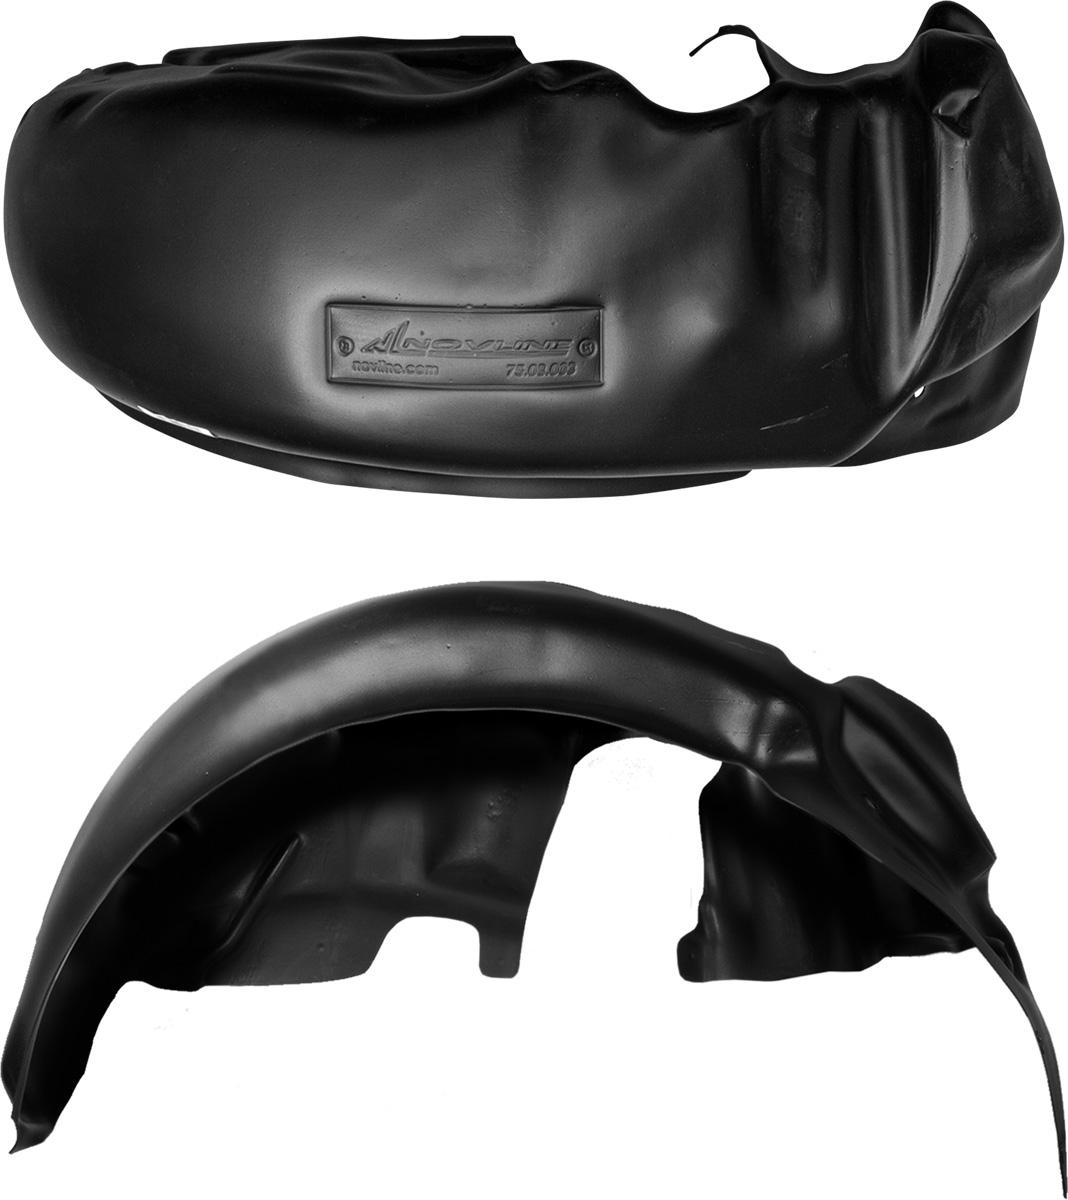 Подкрылок LIFAN X-60, 2012->, передний левый80621Колесные ниши – одни из самых уязвимых зон днища вашего автомобиля. Они постоянно подвергаются воздействию со стороны дороги. Лучшая, почти абсолютная защита для них - специально отформованные пластиковые кожухи, которые называются подкрылками, или локерами. Производятся они как для отечественных моделей автомобилей, так и для иномарок. Подкрылки выполнены из высококачественного, экологически чистого пластика. Обеспечивают надежную защиту кузова автомобиля от пескоструйного эффекта и негативного влияния, агрессивных антигололедных реагентов. Пластик обладает более низкой теплопроводностью, чем металл, поэтому в зимний период эксплуатации использование пластиковых подкрылков позволяет лучше защитить колесные ниши от налипания снега и образования наледи. Оригинальность конструкции подчеркивает элегантность автомобиля, бережно защищает нанесенное на днище кузова антикоррозийное покрытие и позволяет осуществить крепление подкрылков внутри колесной арки практически без дополнительного крепежа и сверления, не нарушая при этом лакокрасочного покрытия, что предотвращает возникновение новых очагов коррозии. Технология крепления подкрылков на иномарки принципиально отличается от крепления на российские автомобили и разрабатывается индивидуально для каждой модели автомобиля. Подкрылки долговечны, обладают высокой прочностью и сохраняют заданную форму, а также все свои физико-механические характеристики в самых тяжелых климатических условиях ( от -50° С до + 50° С).